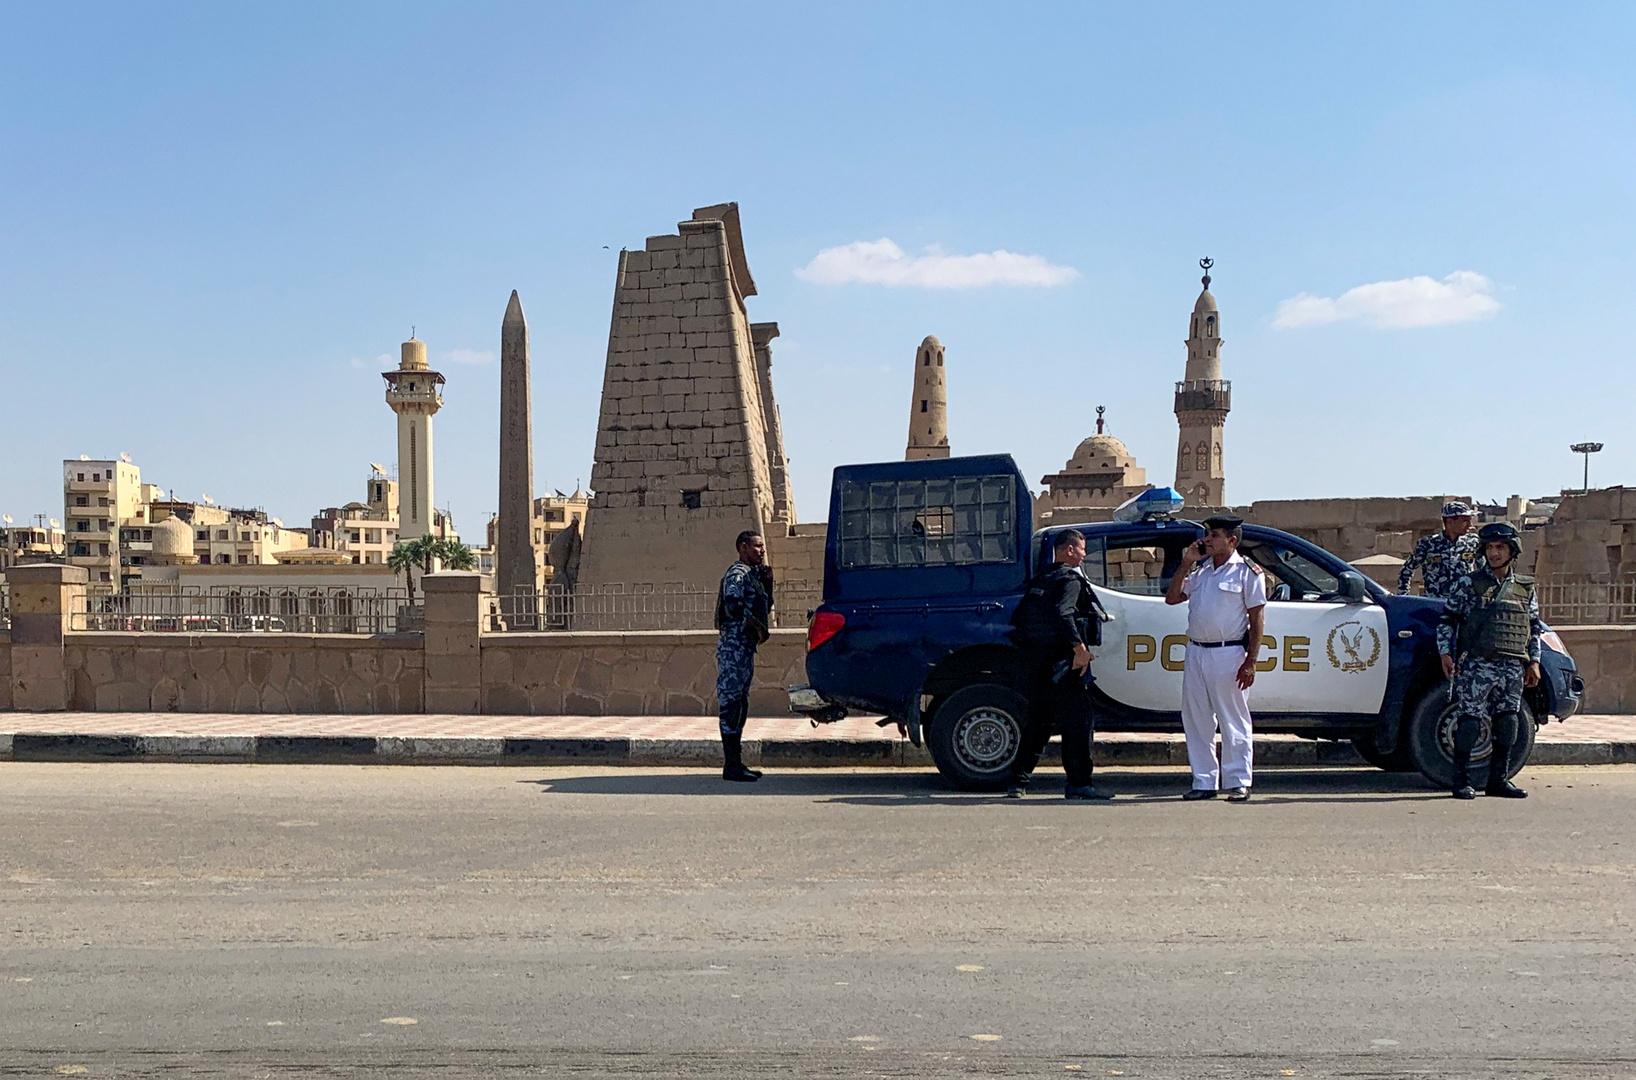 مصر.. وقف التصويت في إحدى القرى عقب مشاجرة وإطلاق أعيرة نارية